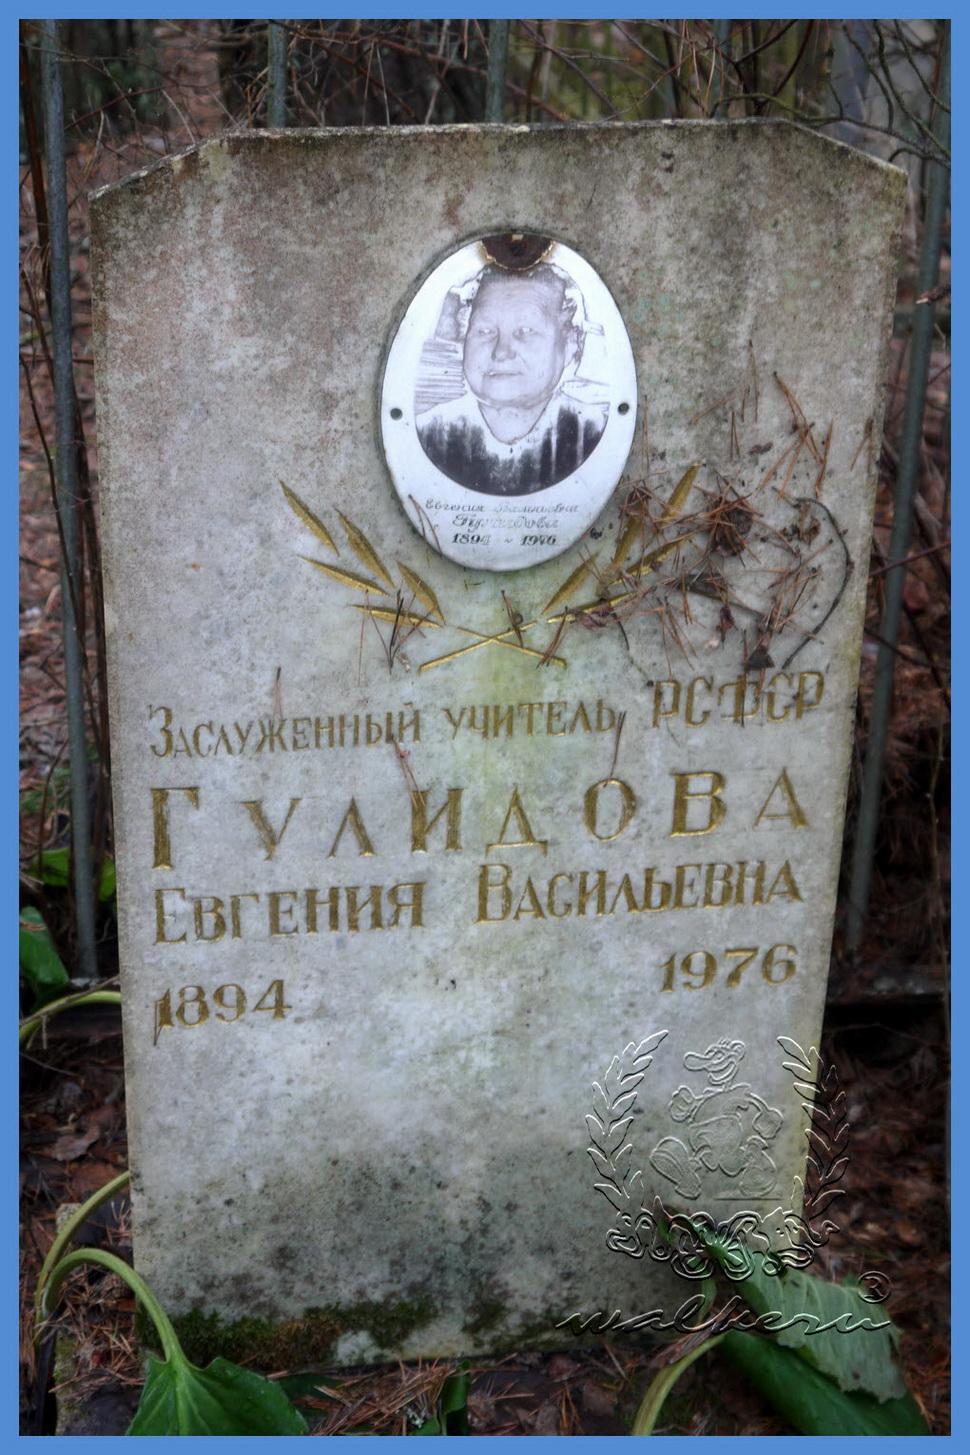 Гулидова Евгения Васильевна